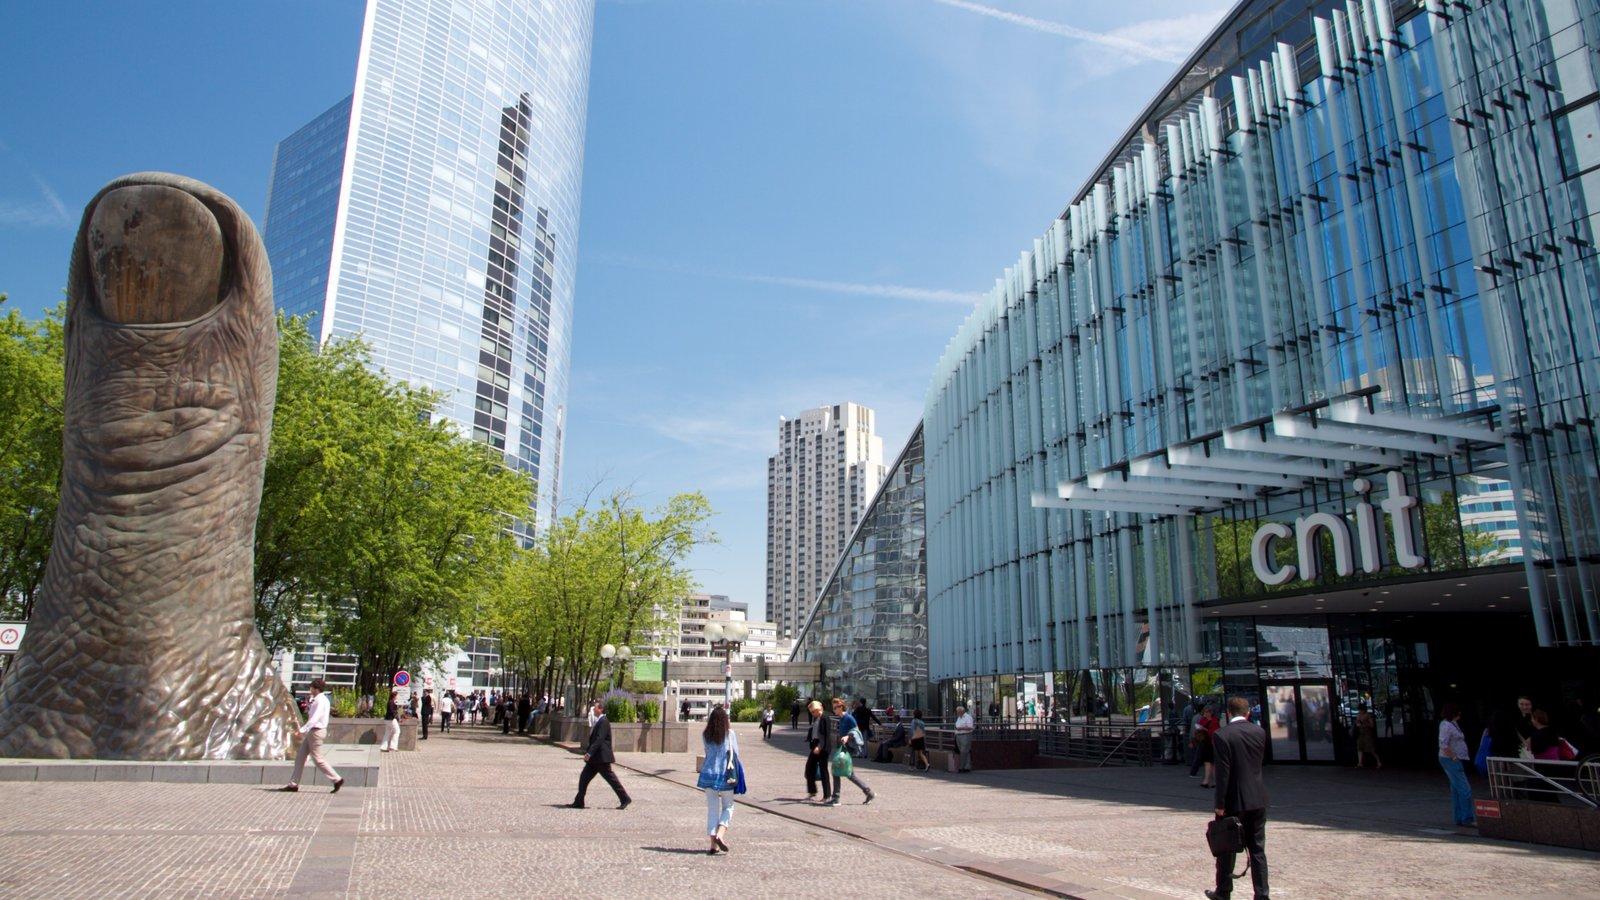 La Defense mostrando um edifício, uma cidade e arquitetura moderna